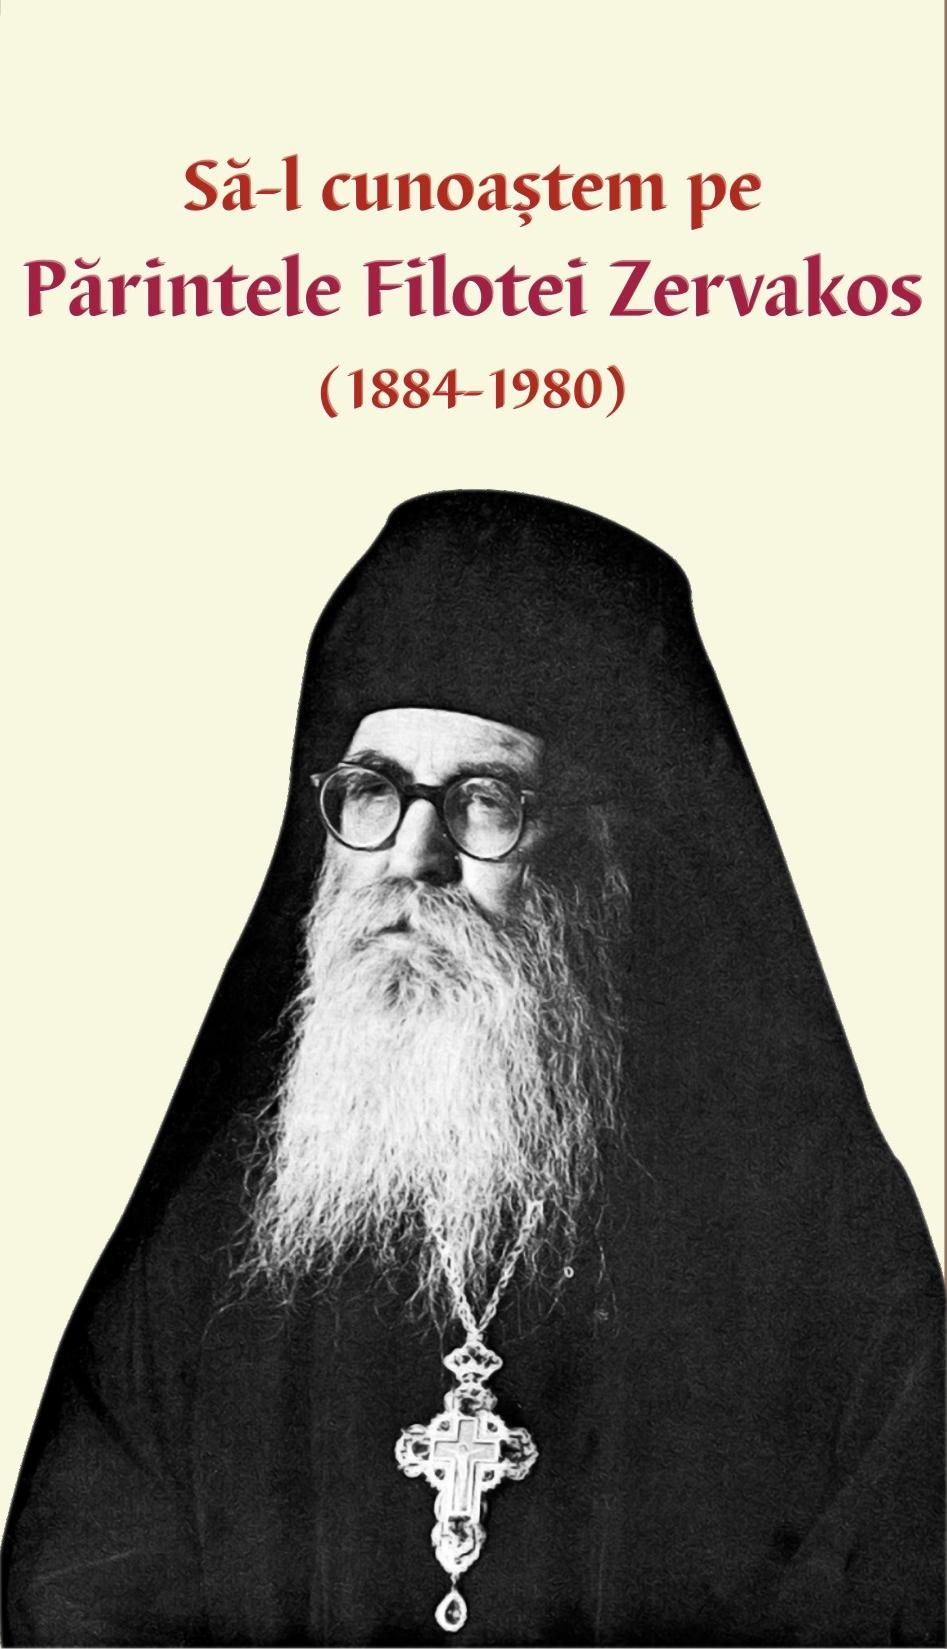 Să-l cunoaştem pe Părintele Filotei Zervakos (1884-1980)